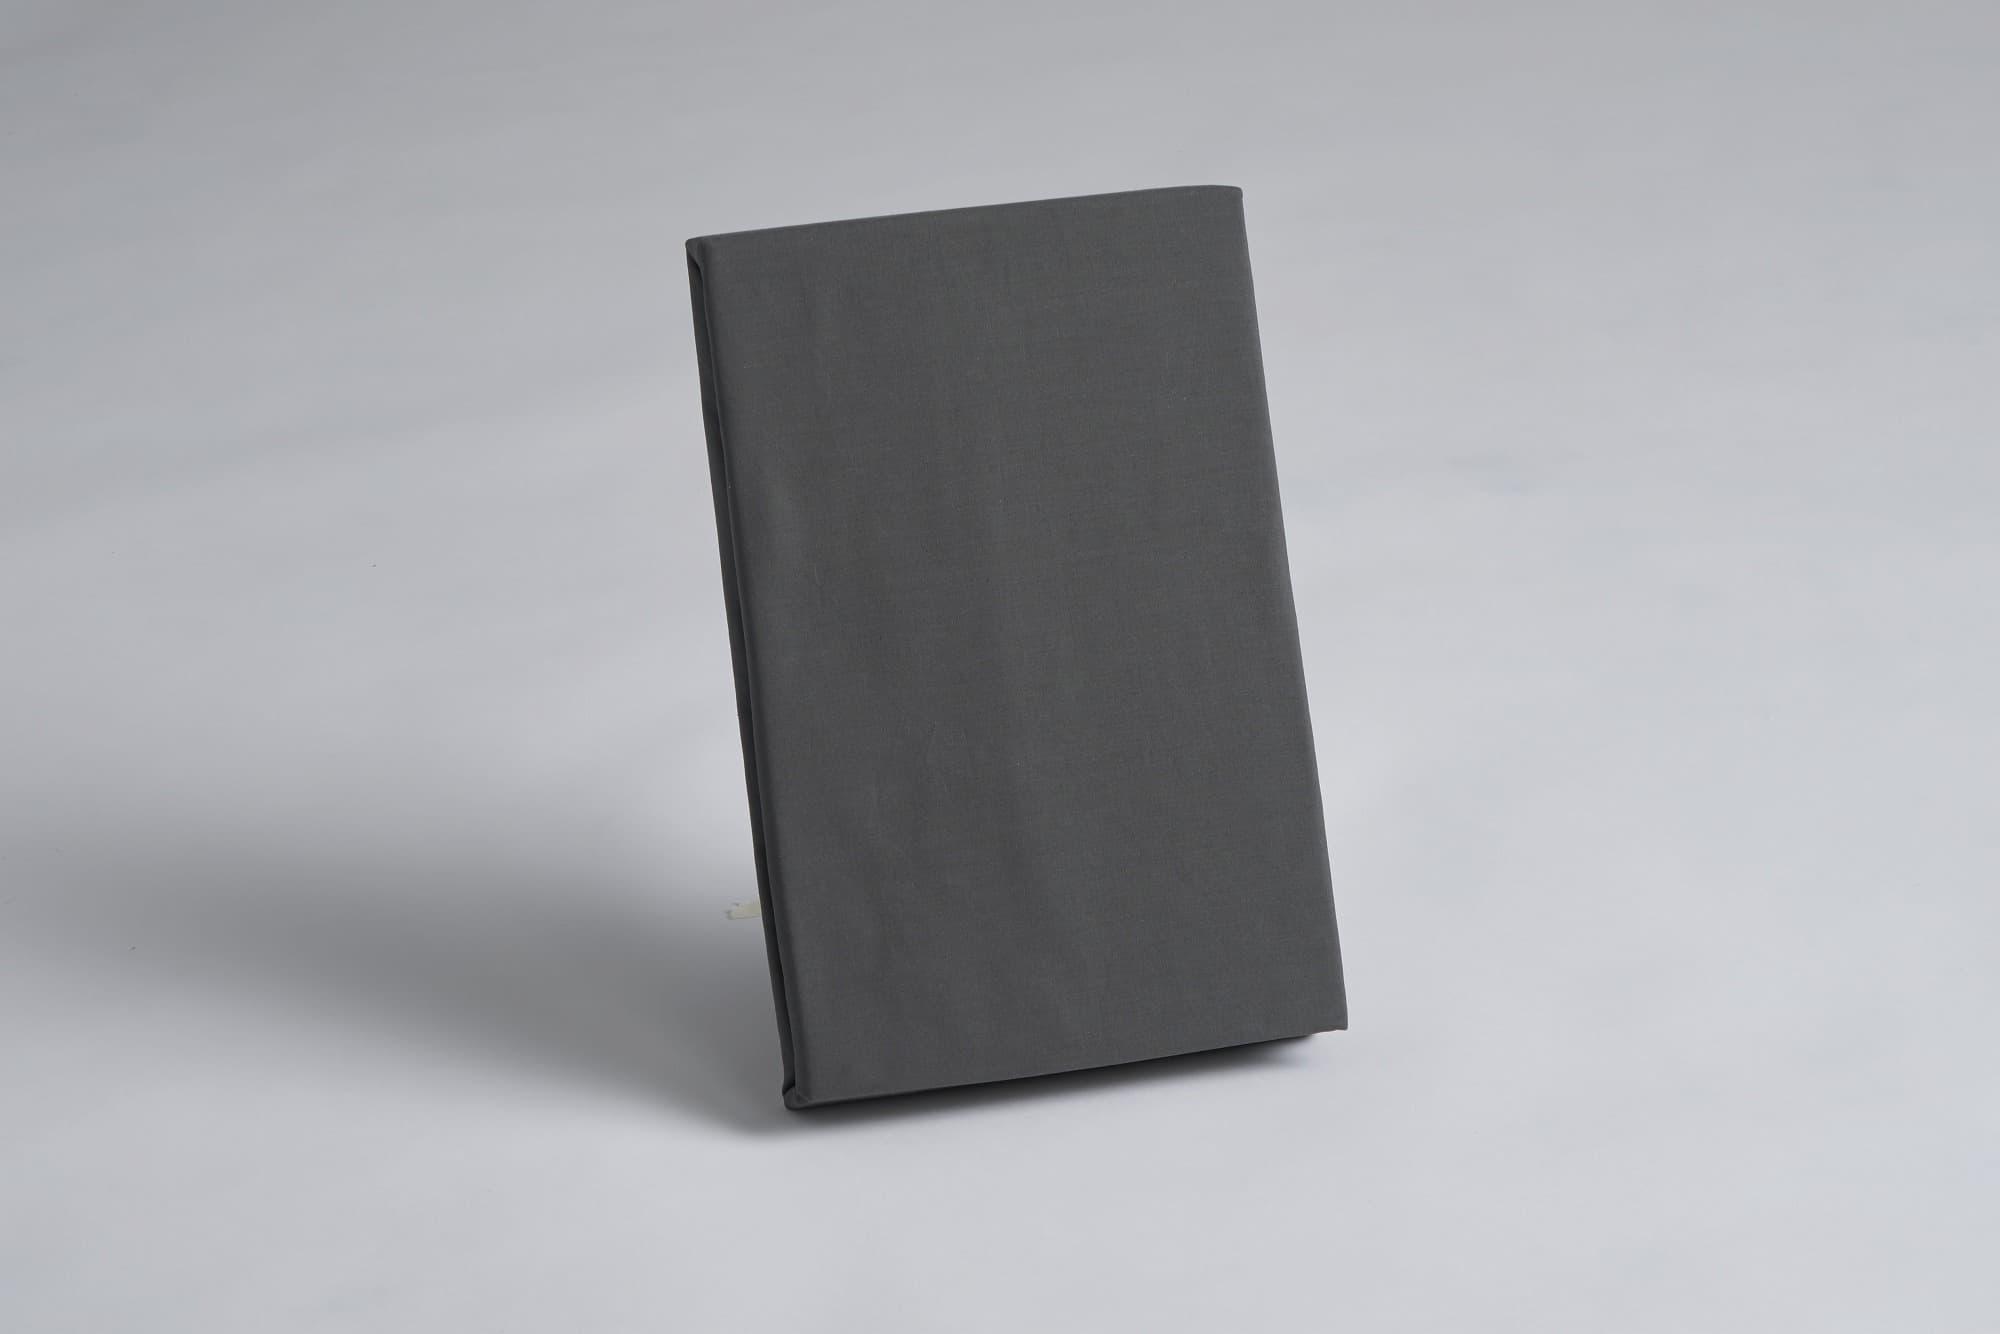 ボックスシーツ キング2用 45H グレー:《綿100%を使用したボックスシーツ》